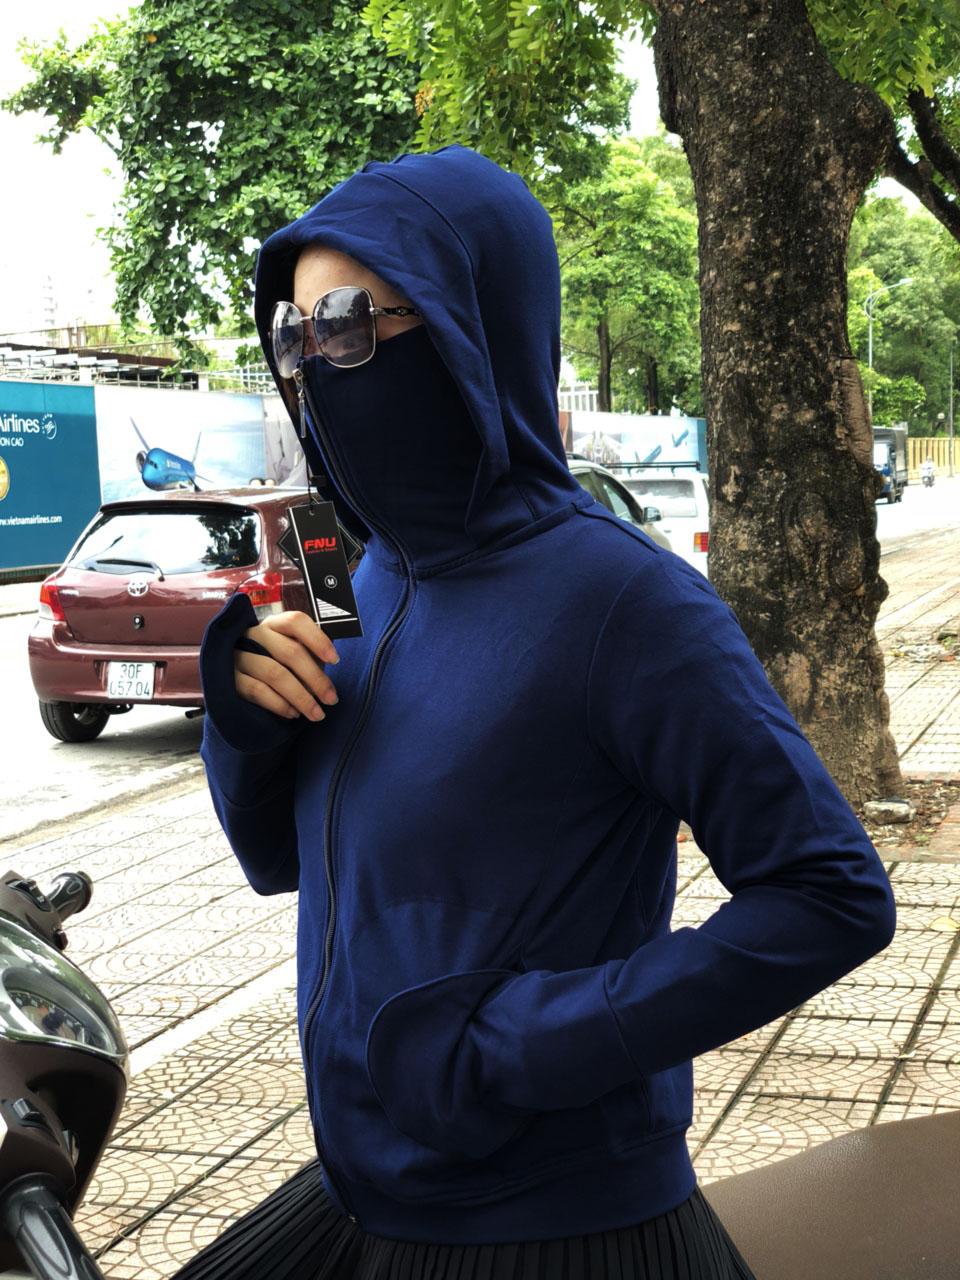 Áo khoác chống nắng nữ - Chống Tia UV (Có túi kéo khóa bên trong)